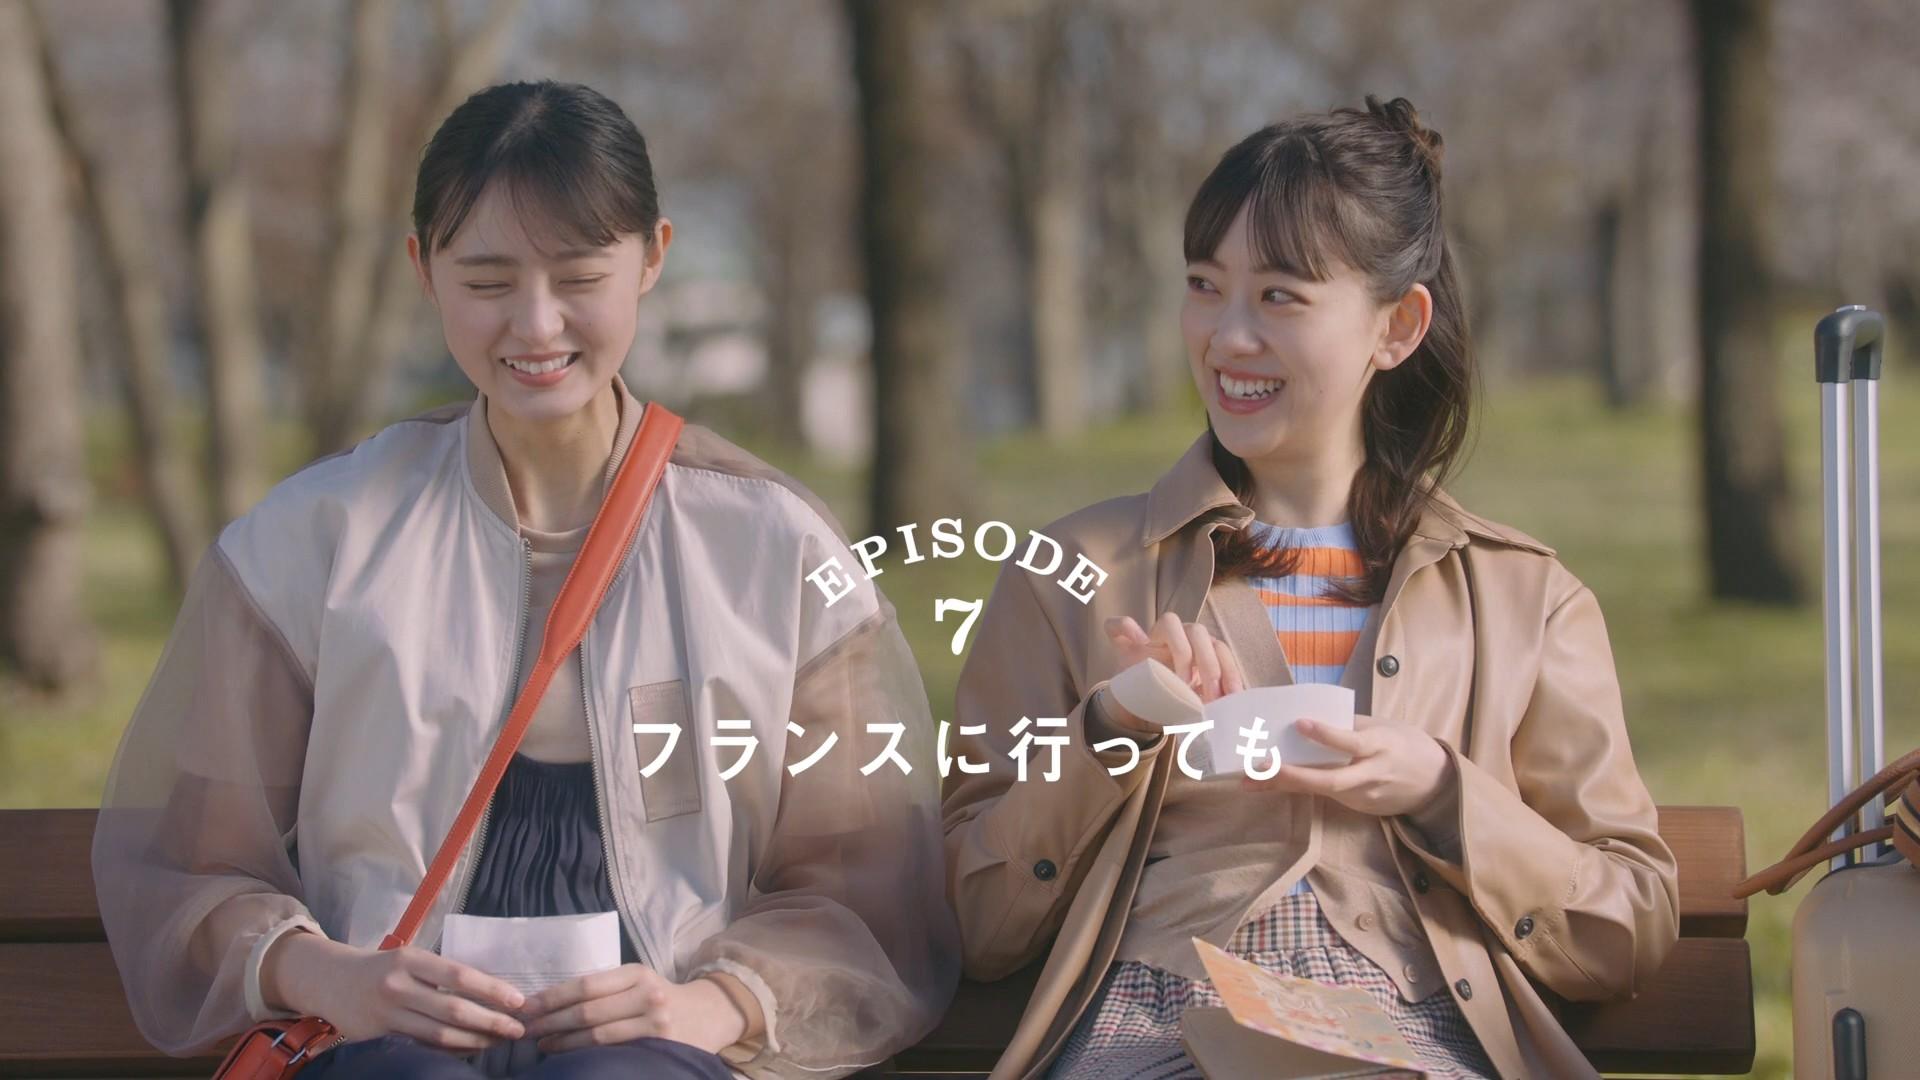 乃木恋デイズ 第7話